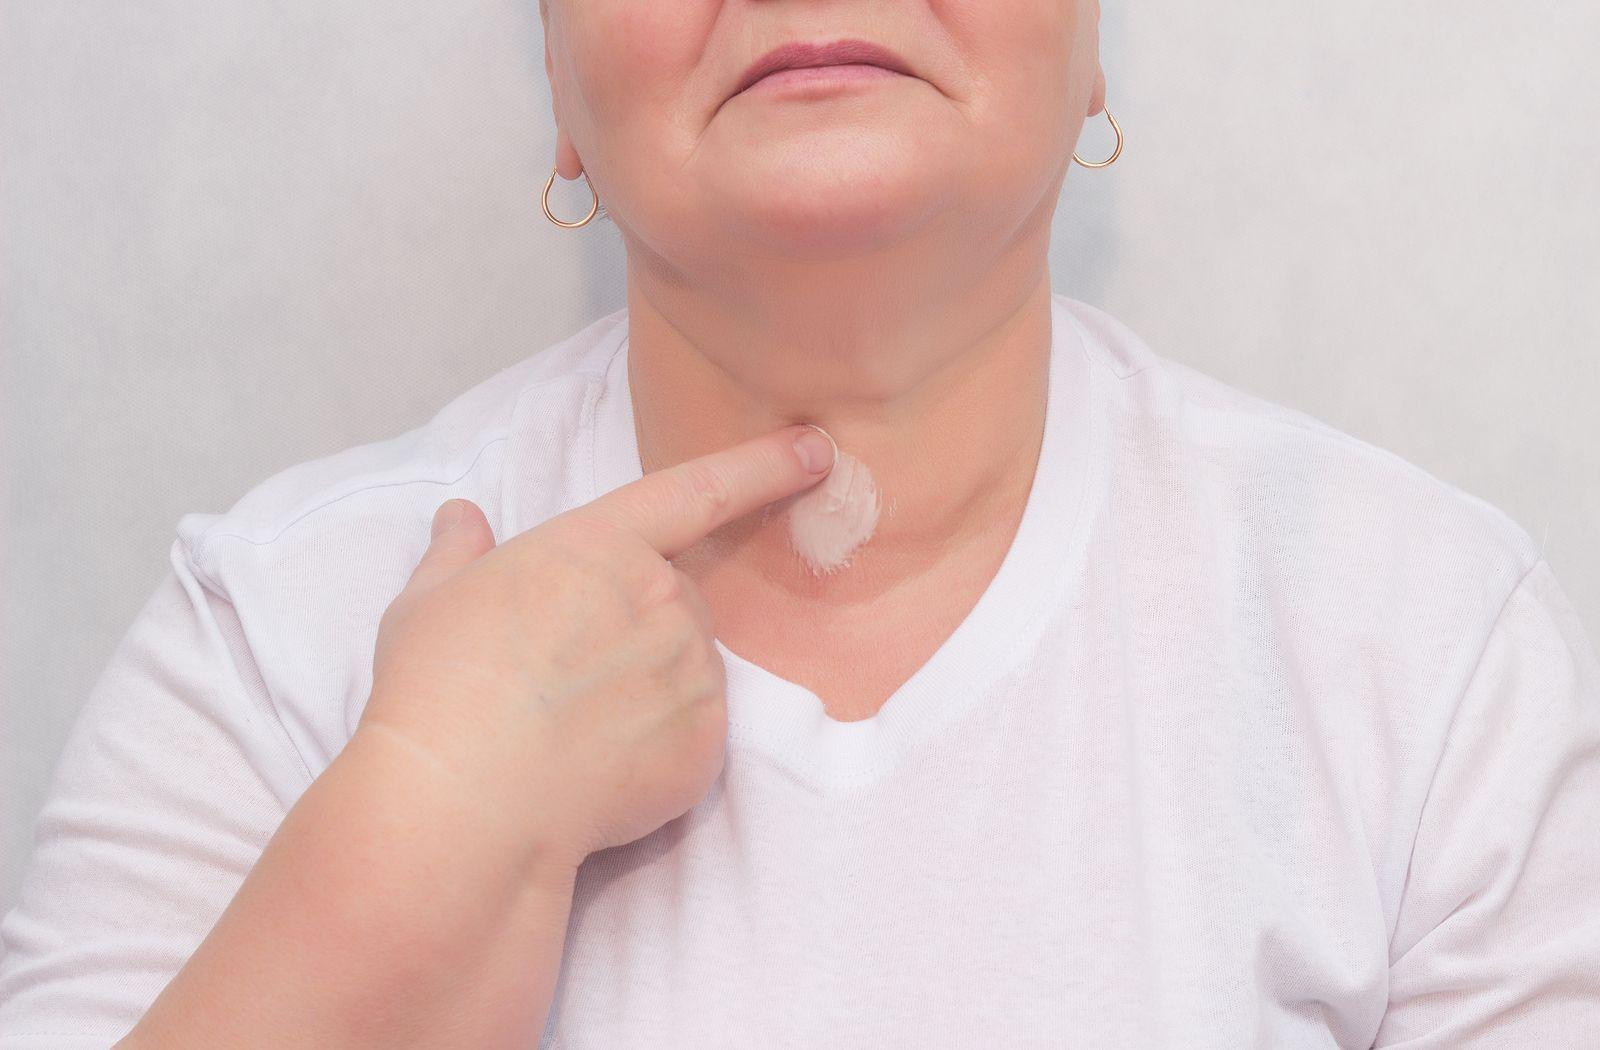 Un mito indicaba que las mamografías y las radiografías dentales provocarían cáncer.